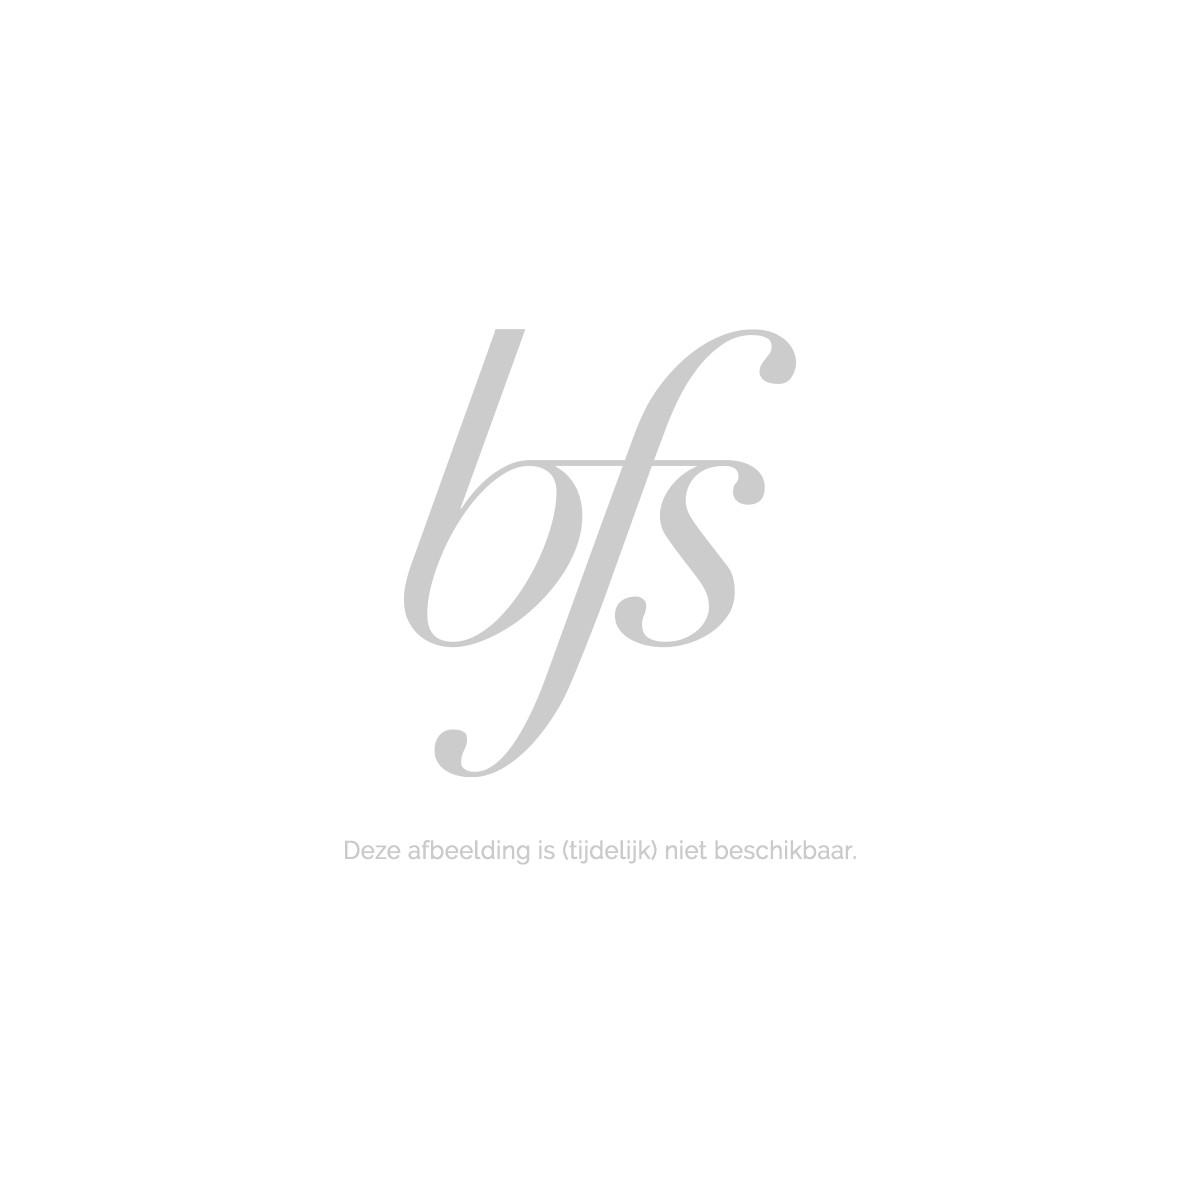 Elie Saab Le Parfum Giftset 50Ml